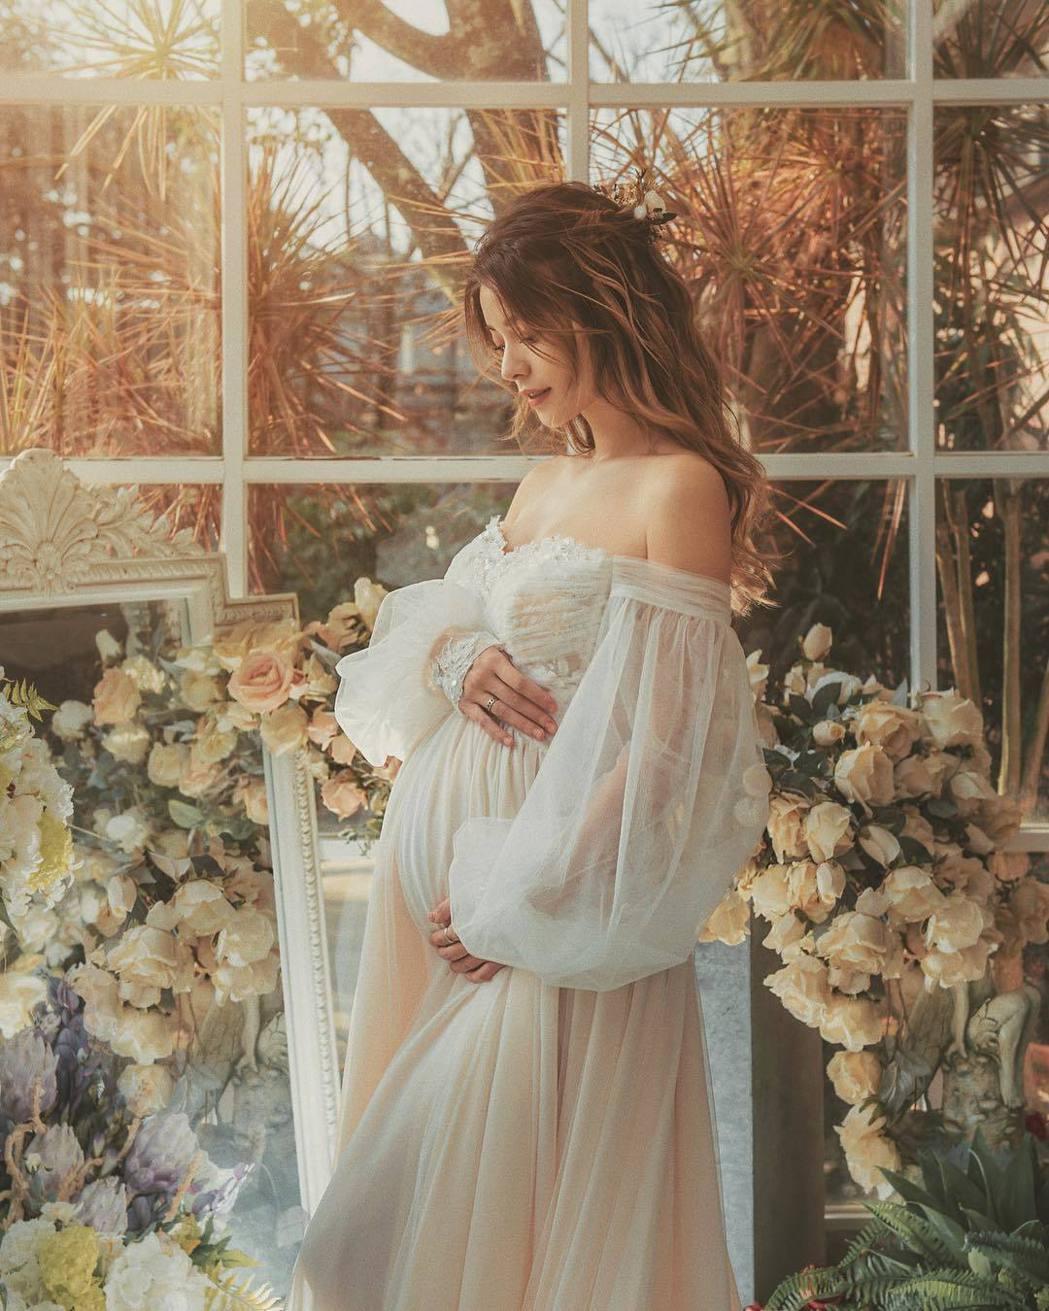 林珈安拍攝唯美的孕婦寫真。圖/摘自IG